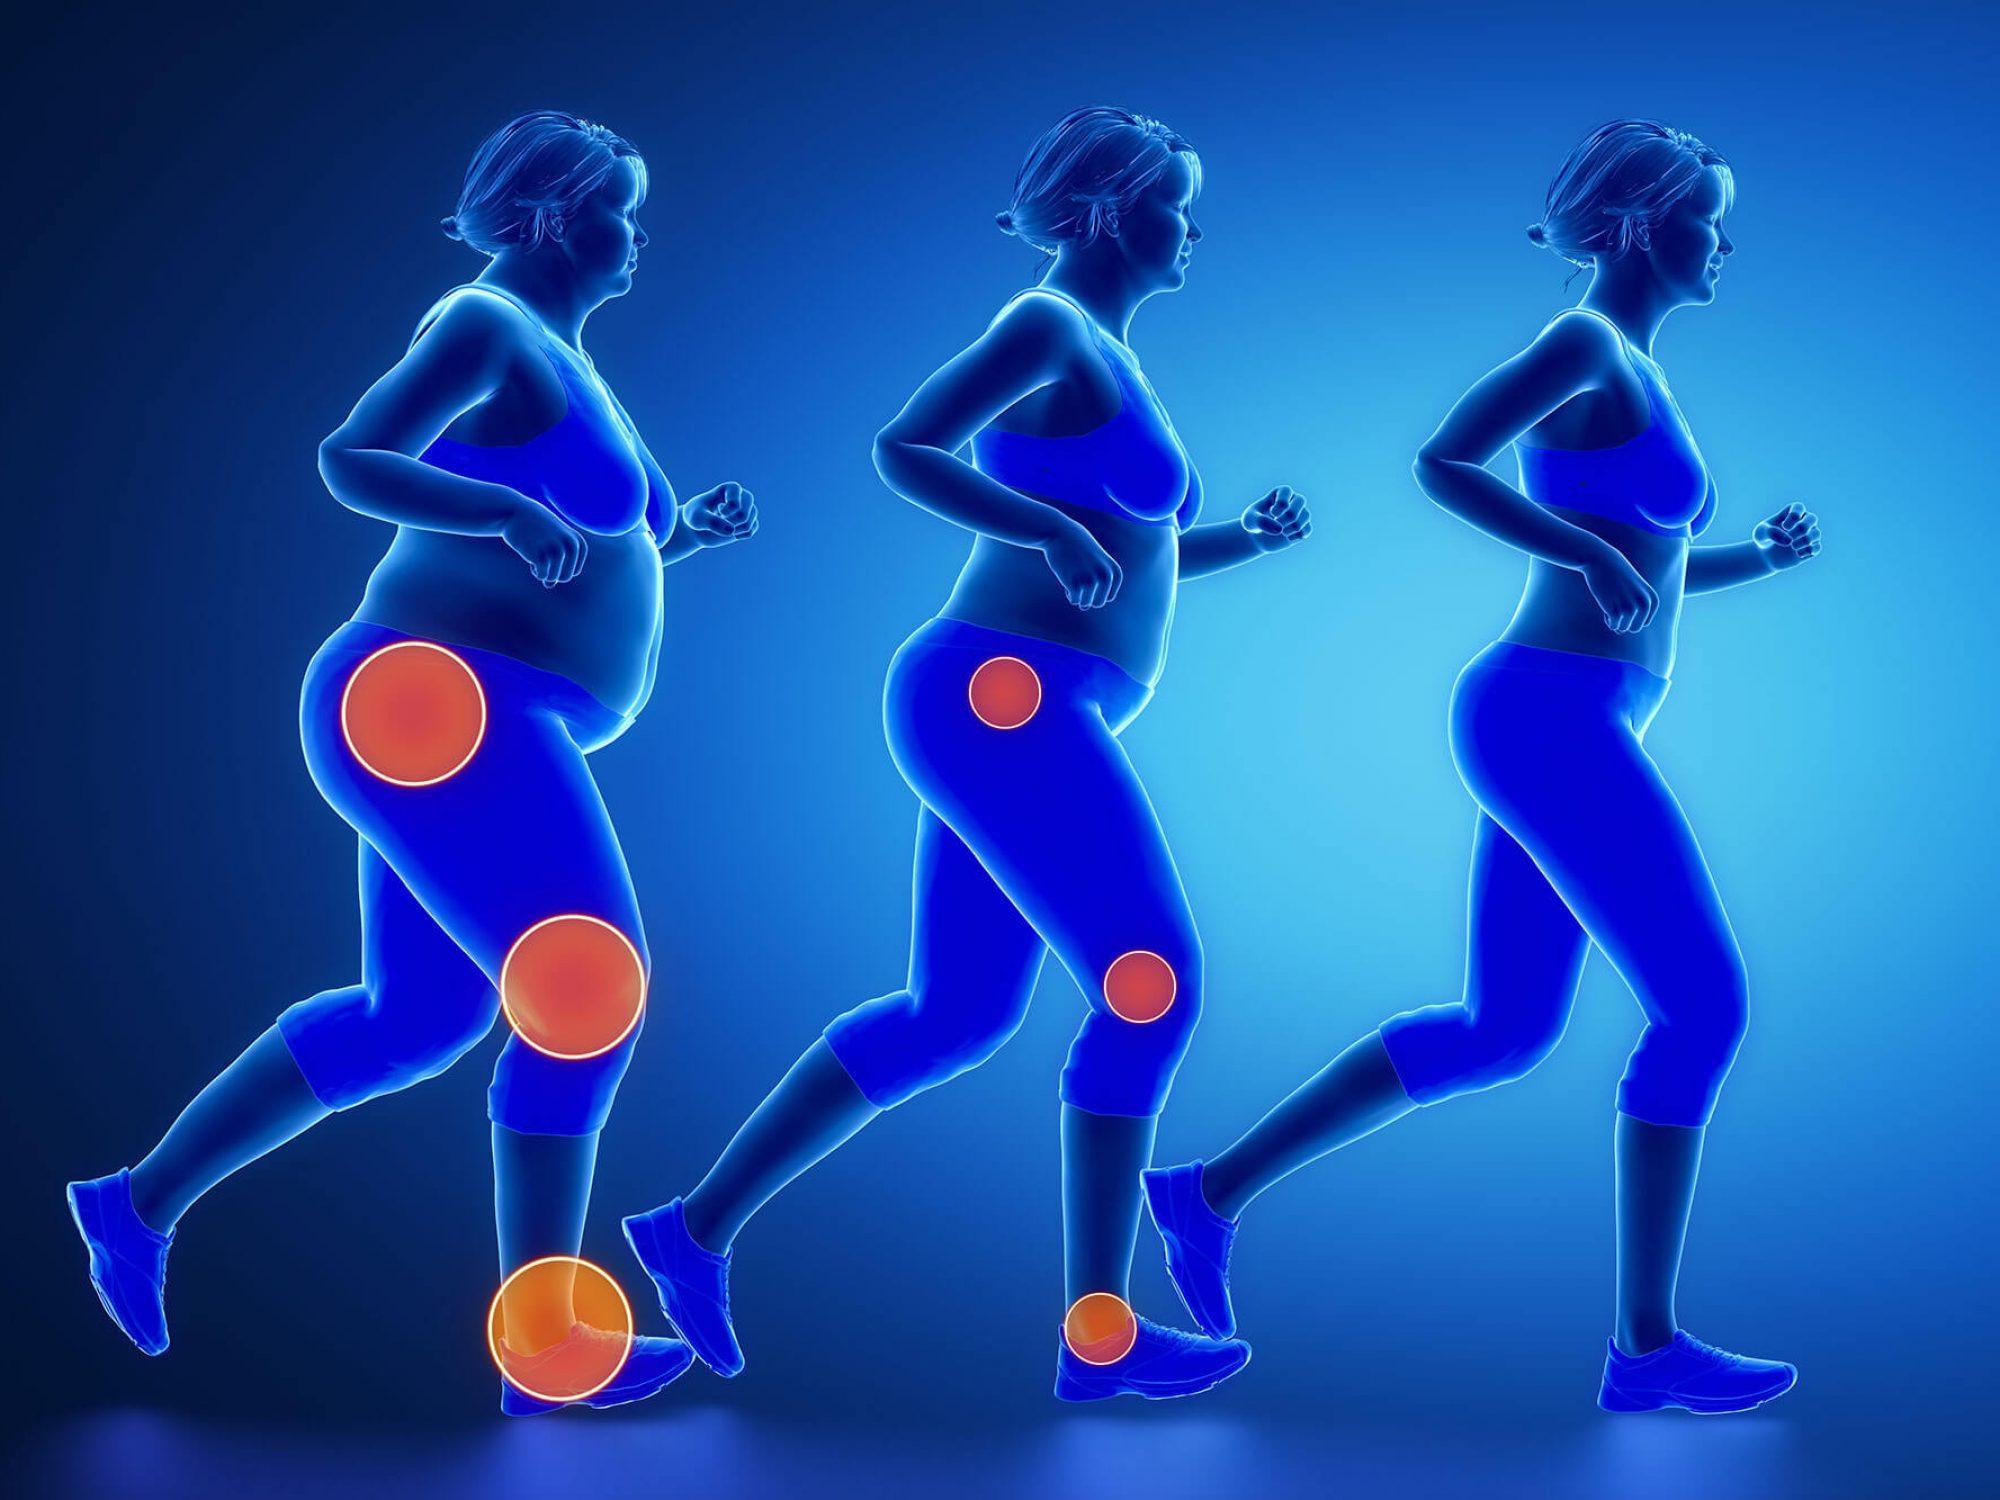 כאבי מפרקים, כאבי גב, השמנה והניתוח הבריאטרי